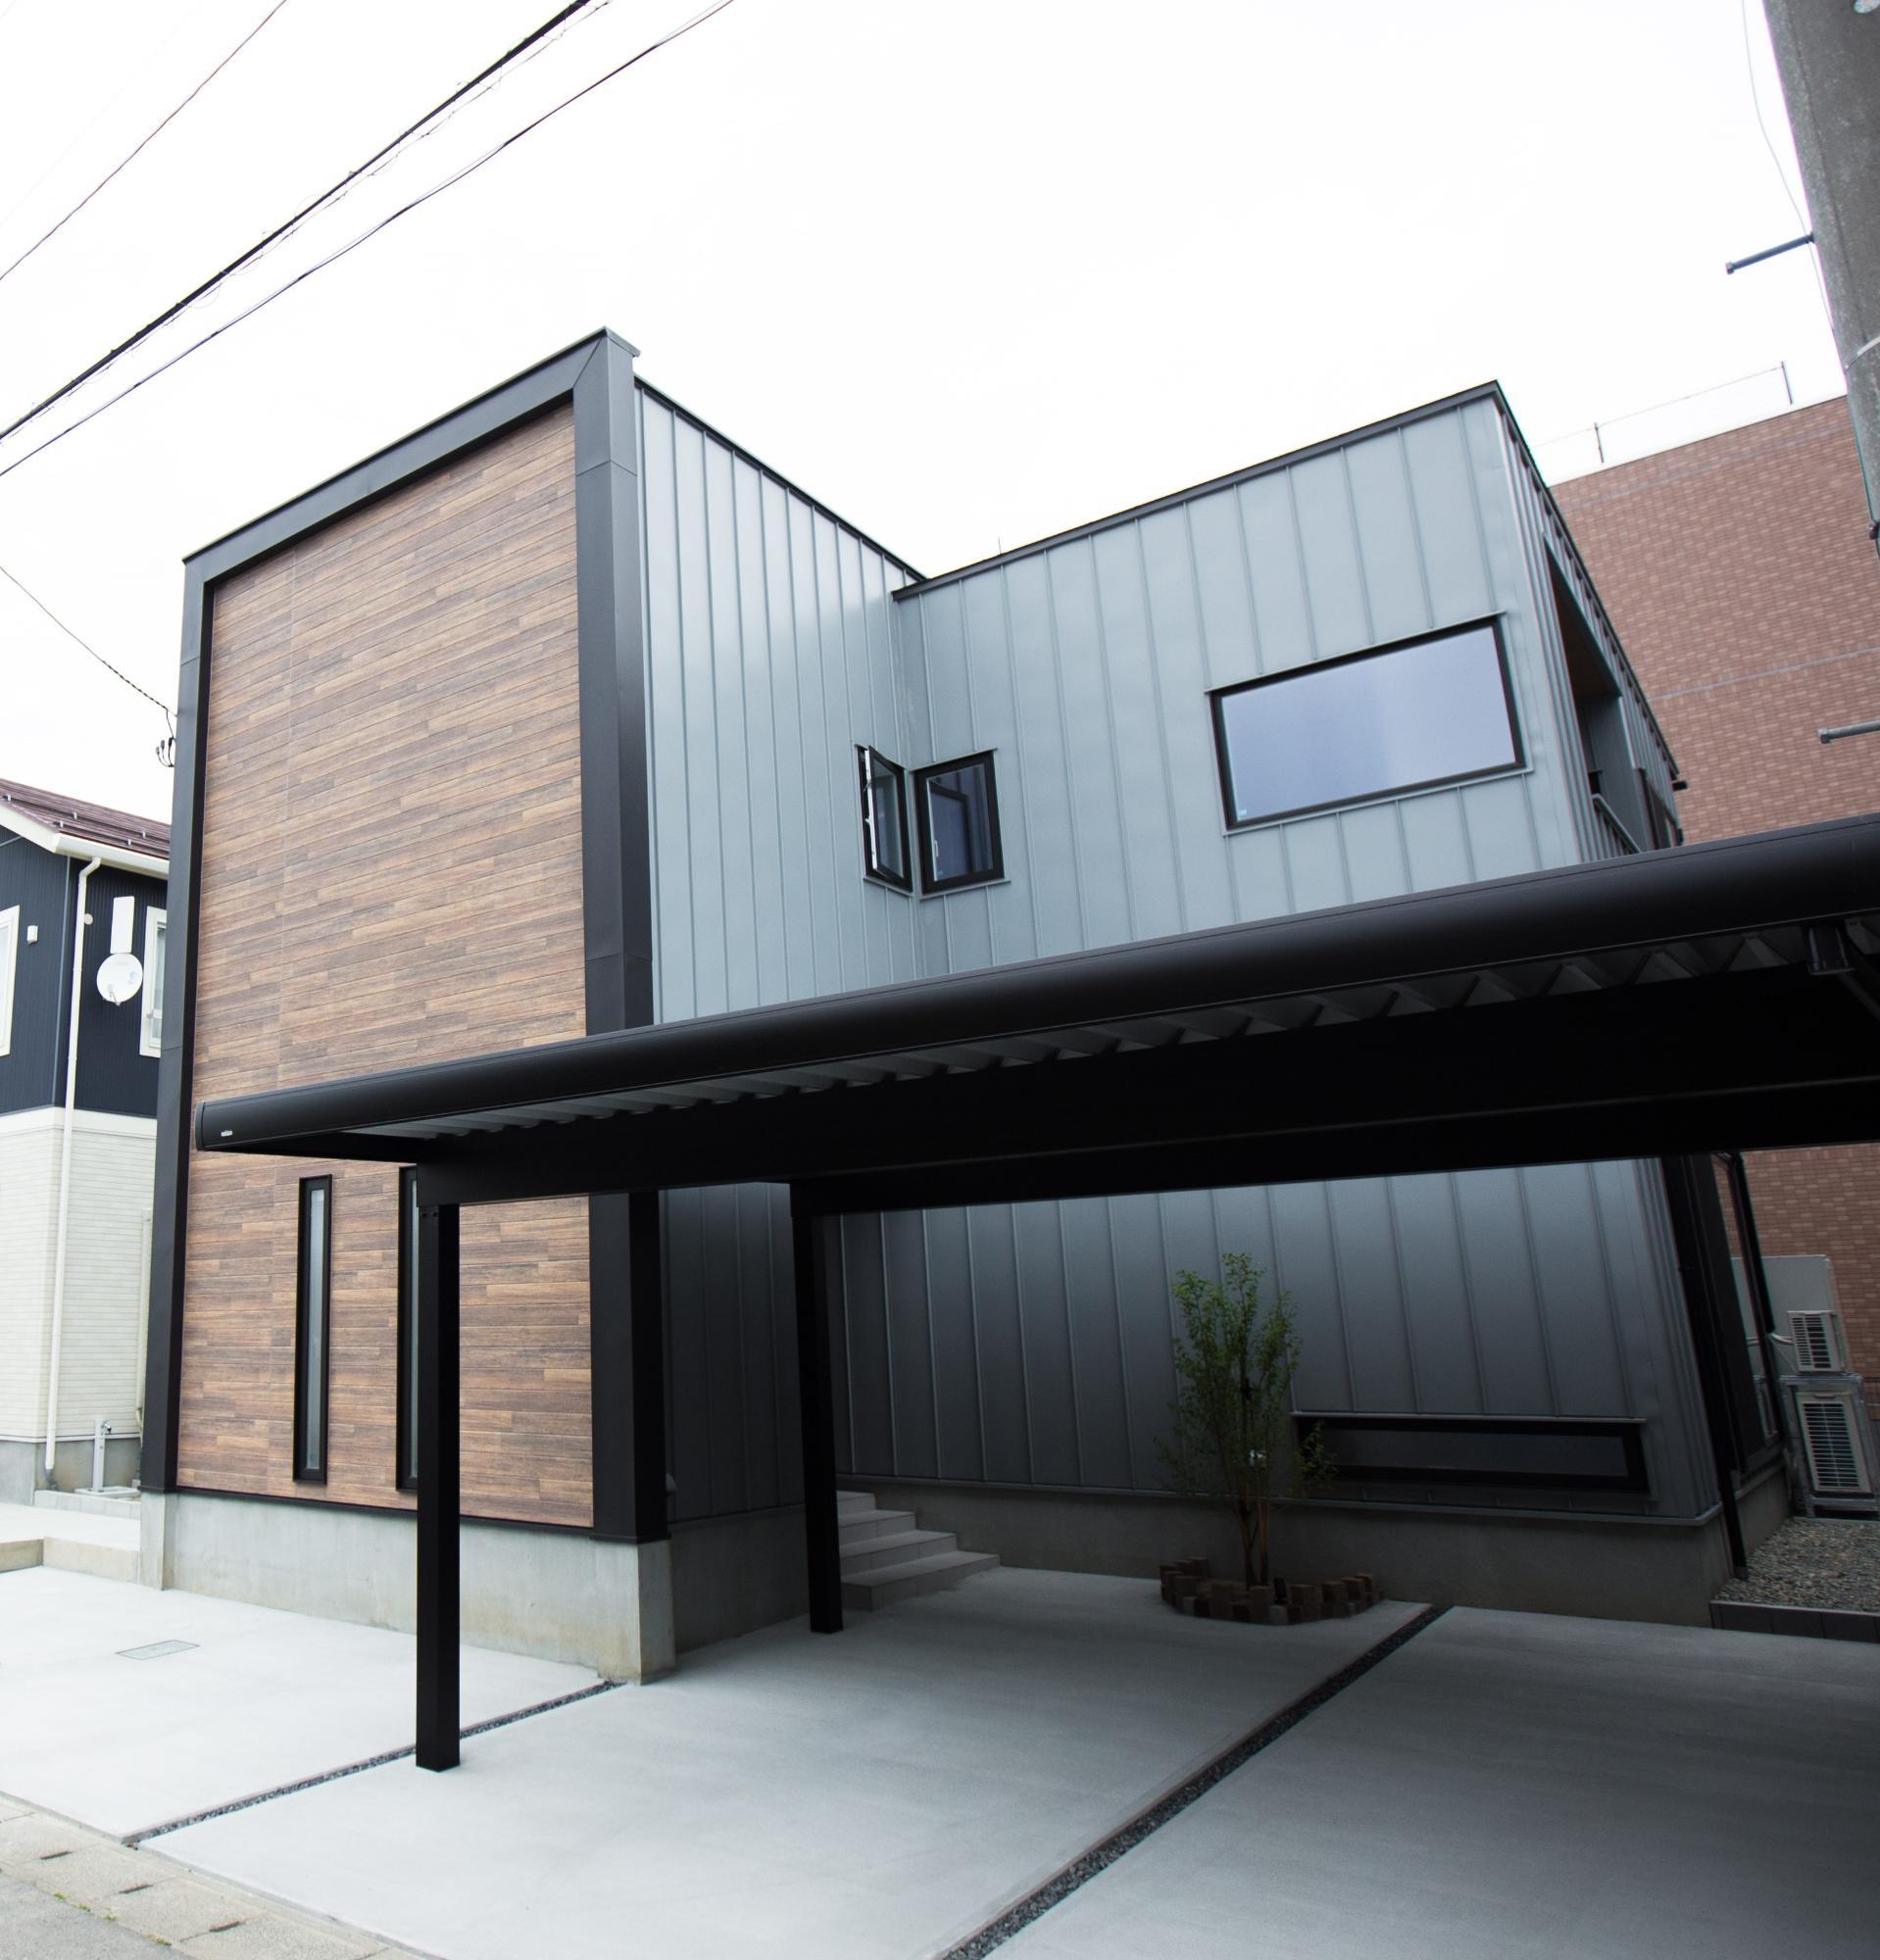 ゆとり空間とこだわりが詰まったスタイリッシュハウスの写真1